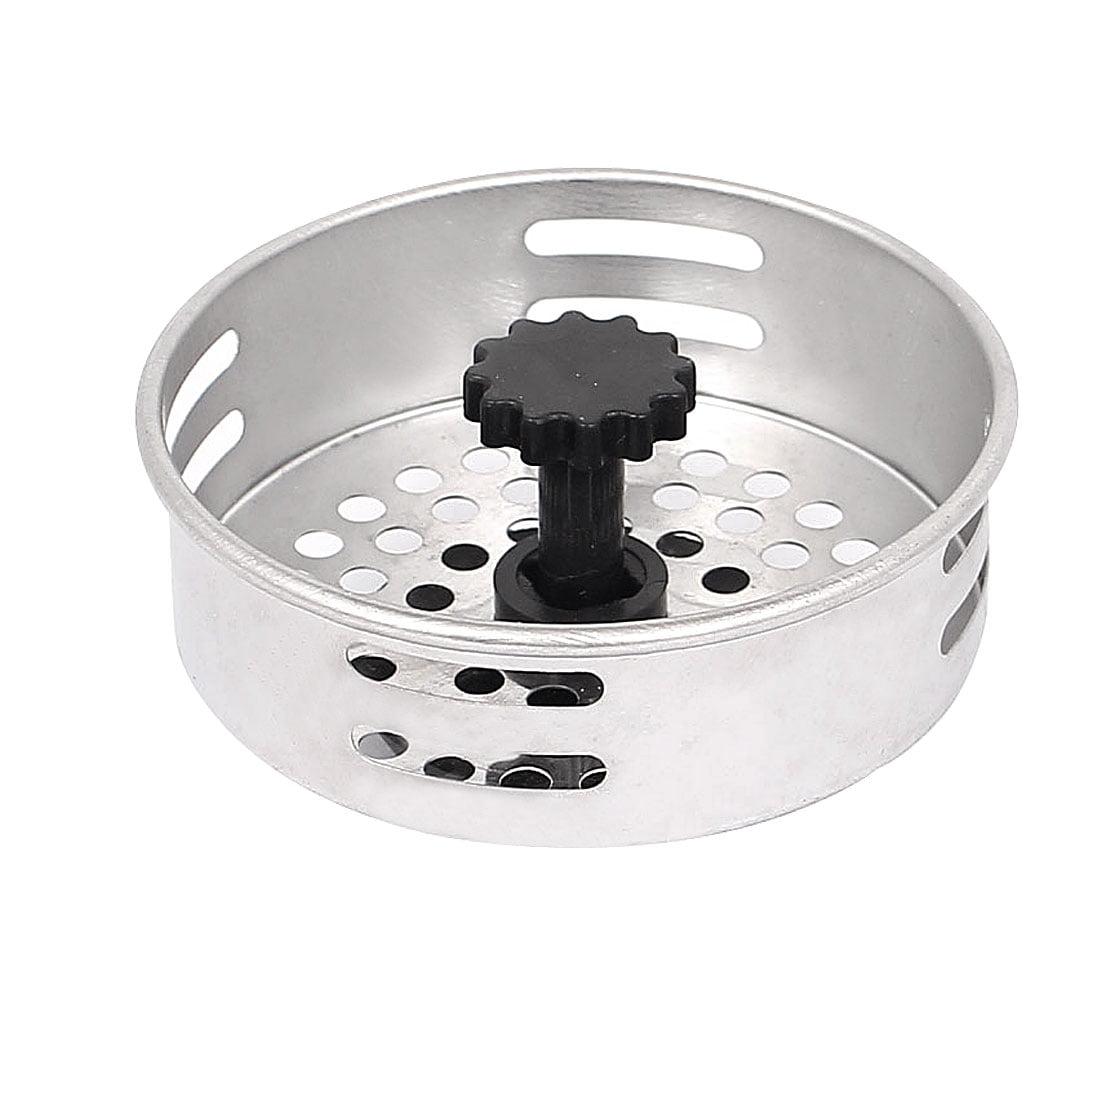 80mm Dia Kitchen Bathroom Mesh Hole Plug Filter Sink Strainer - image 1 de 1